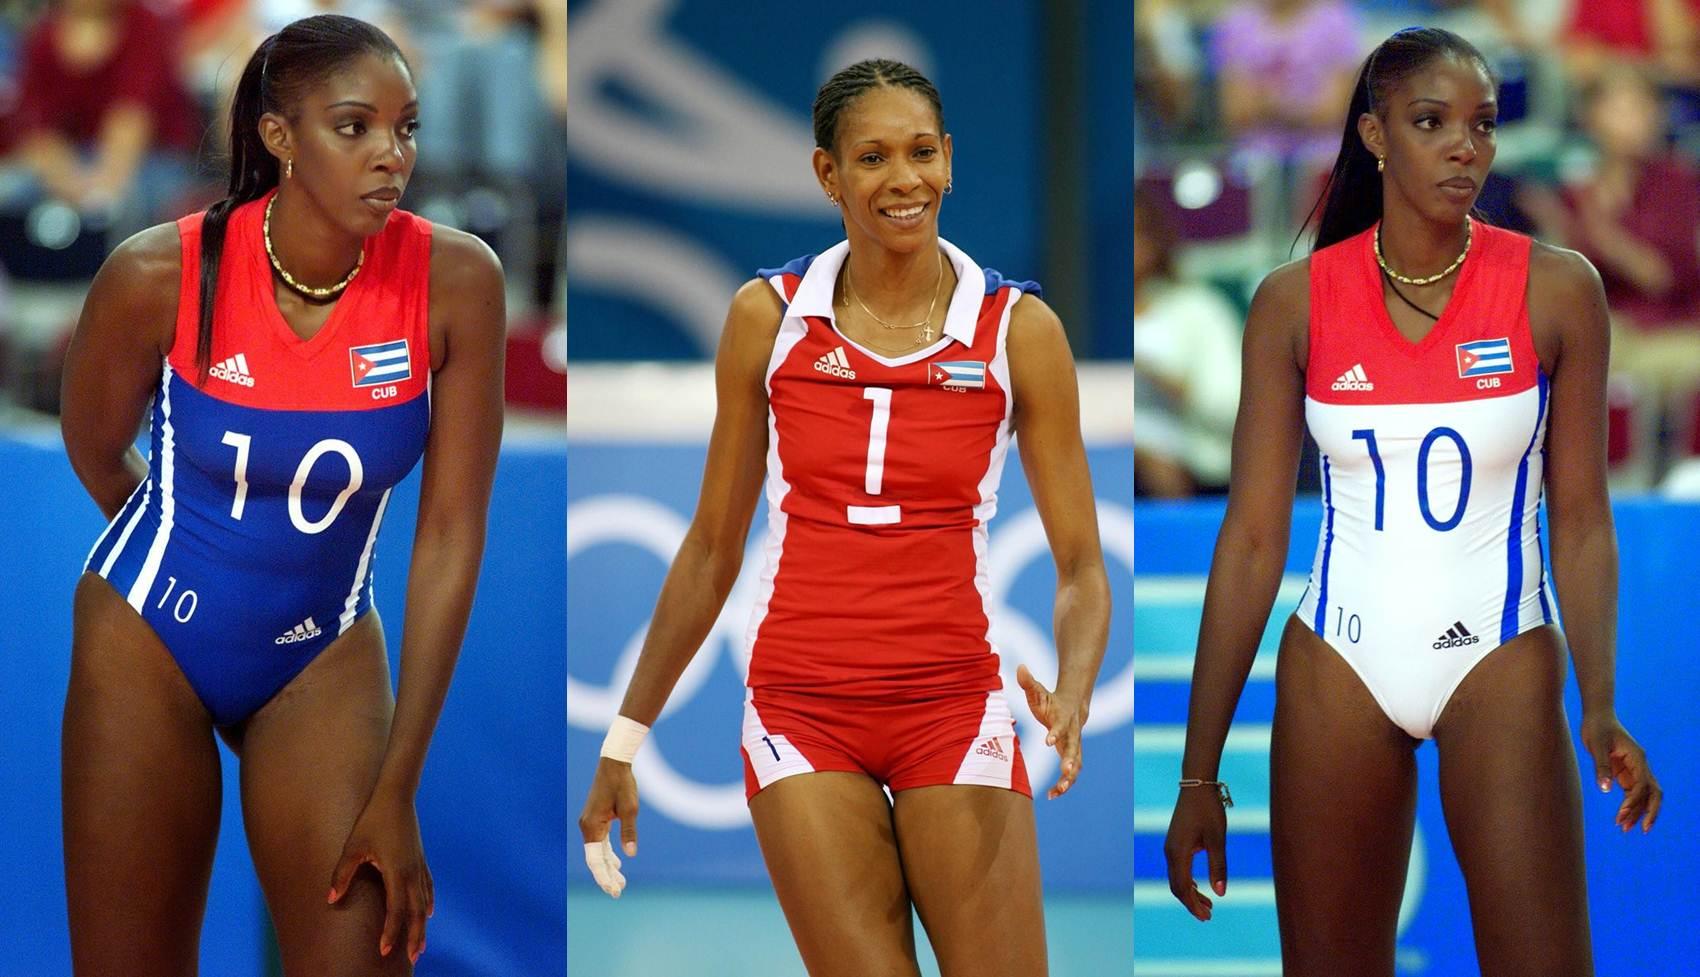 La voleibolista cubana Regla Torres está considerada como la mejor del siglo XX